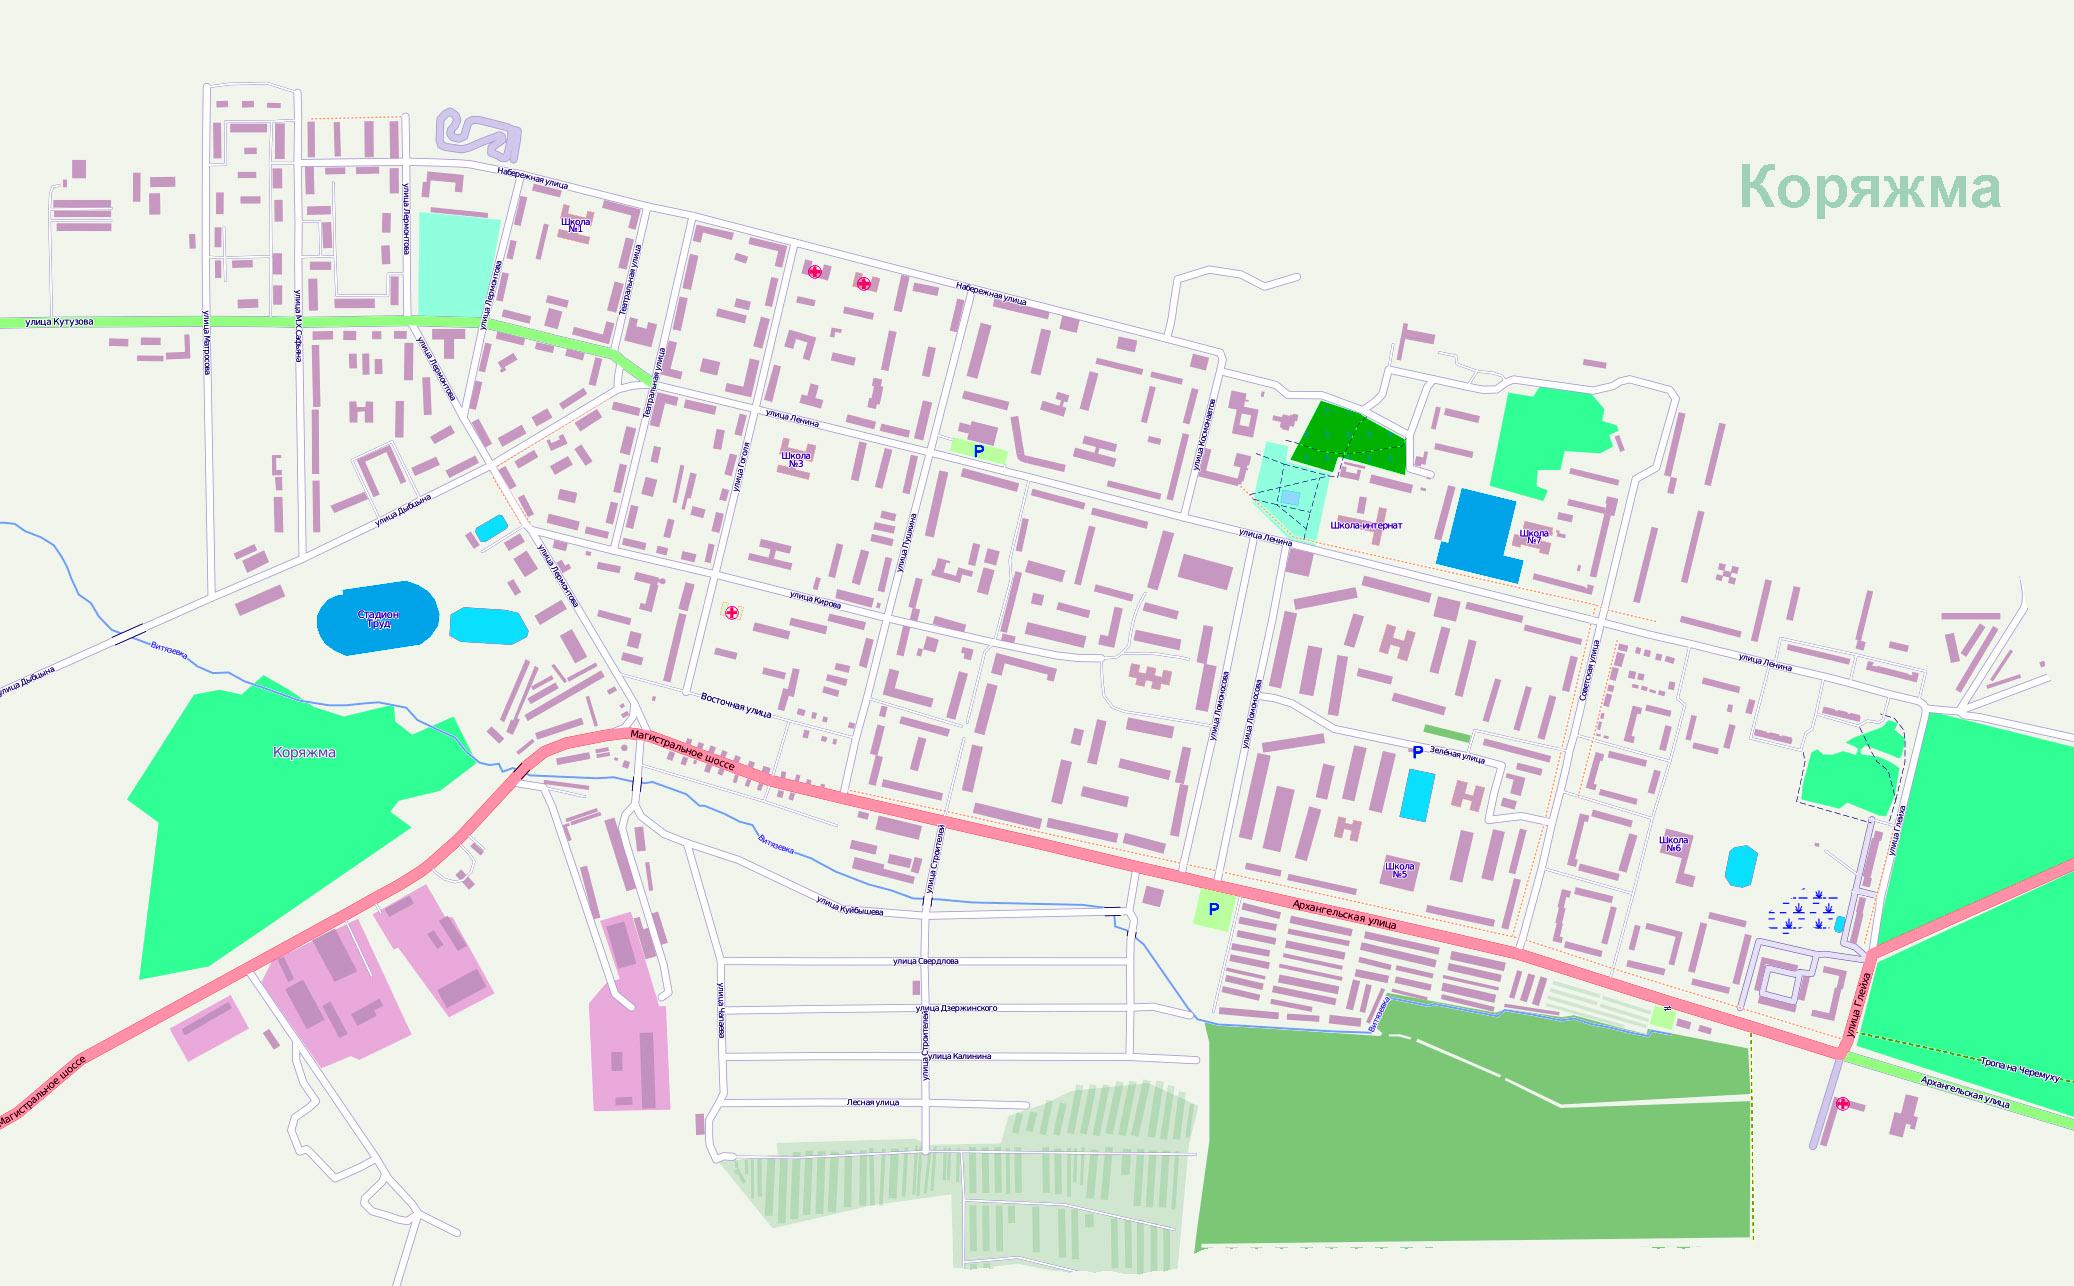 Карта Города Сегежи С Улицами - yaruse: http://yaruse.weebly.com/blog/karta-goroda-segezhi-s-ulicami